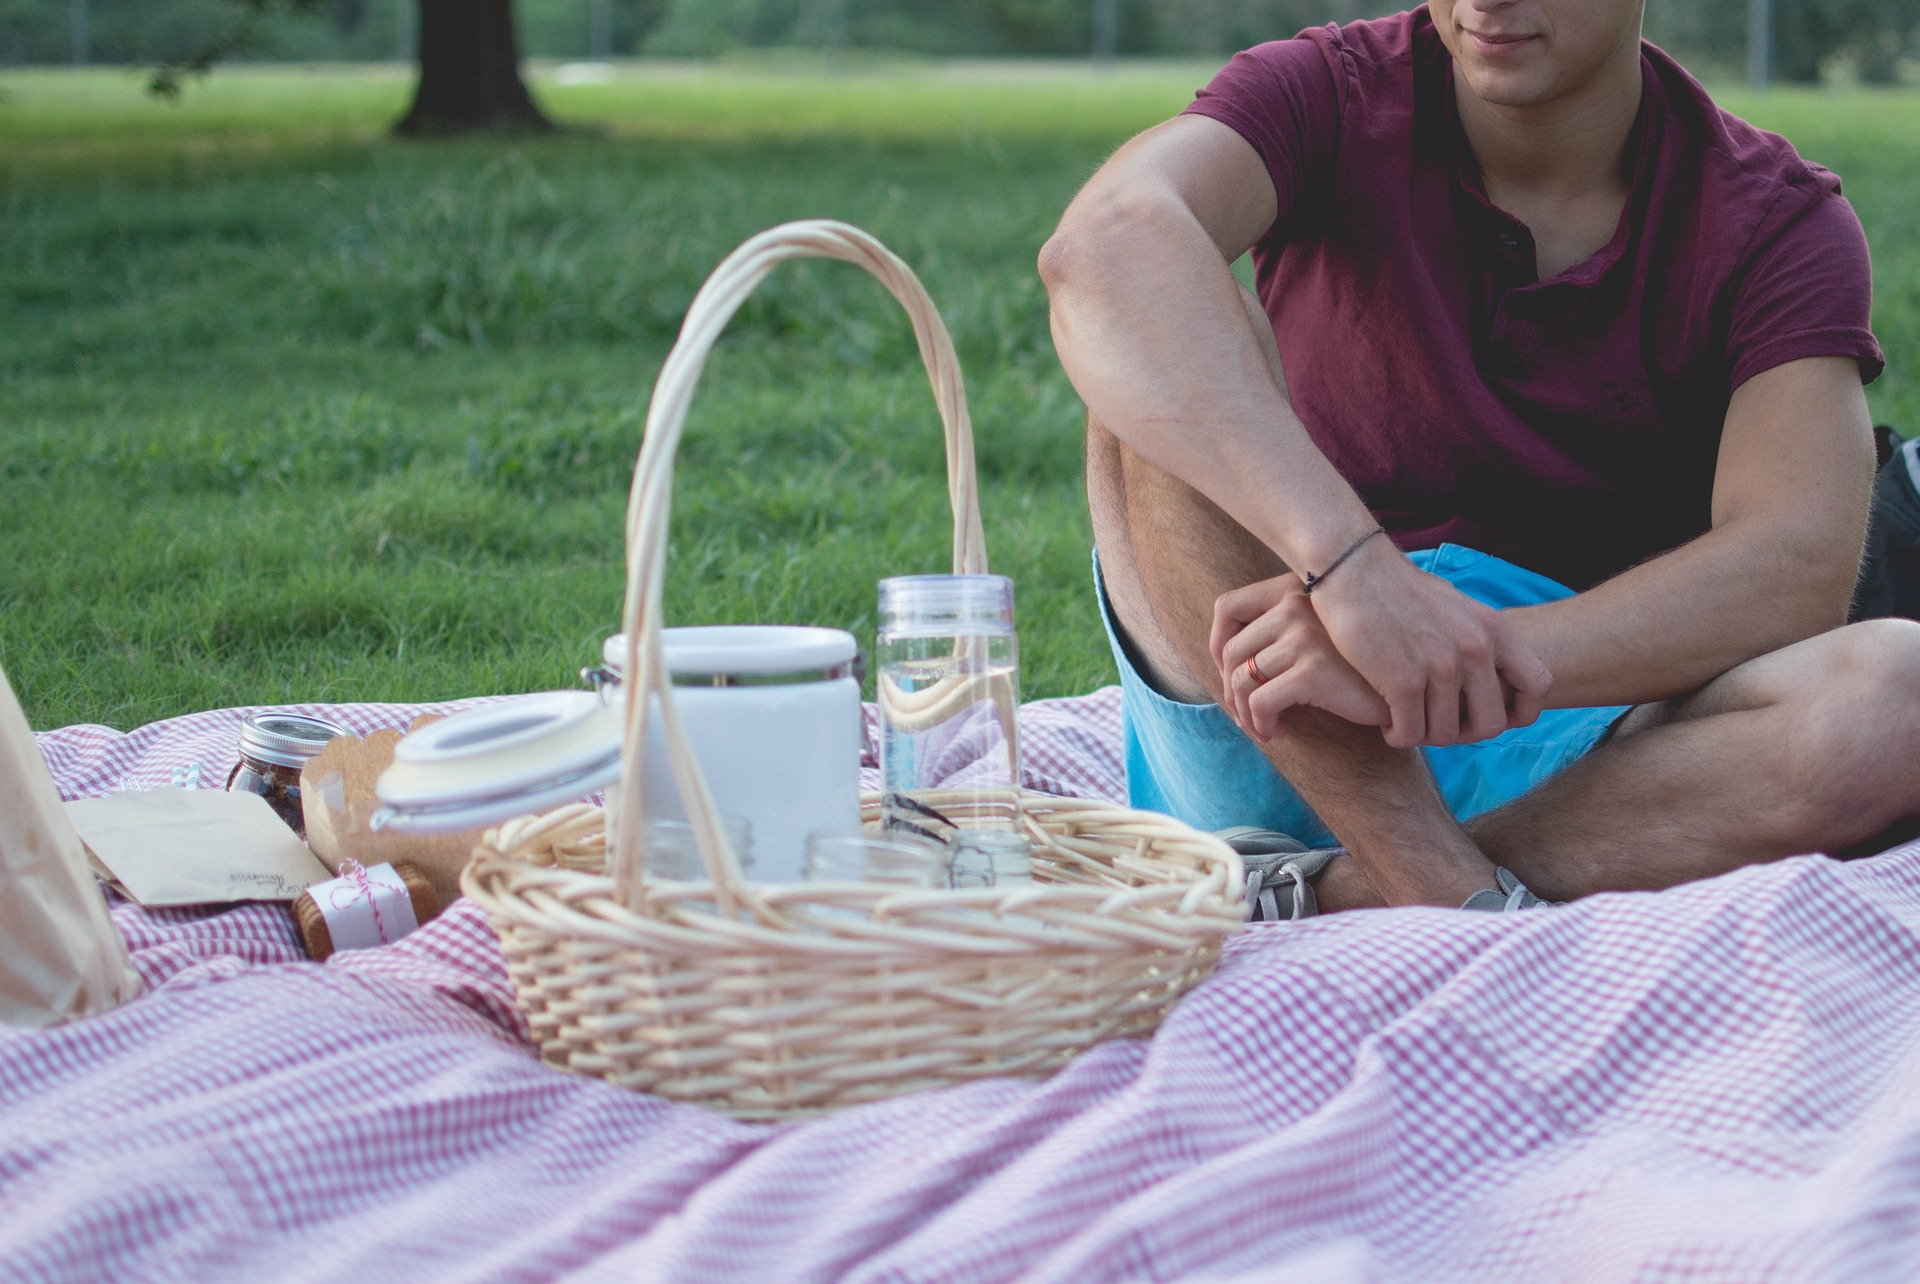 Picnic con recipientes reutilizables para reducir desperdicios en vacaciones